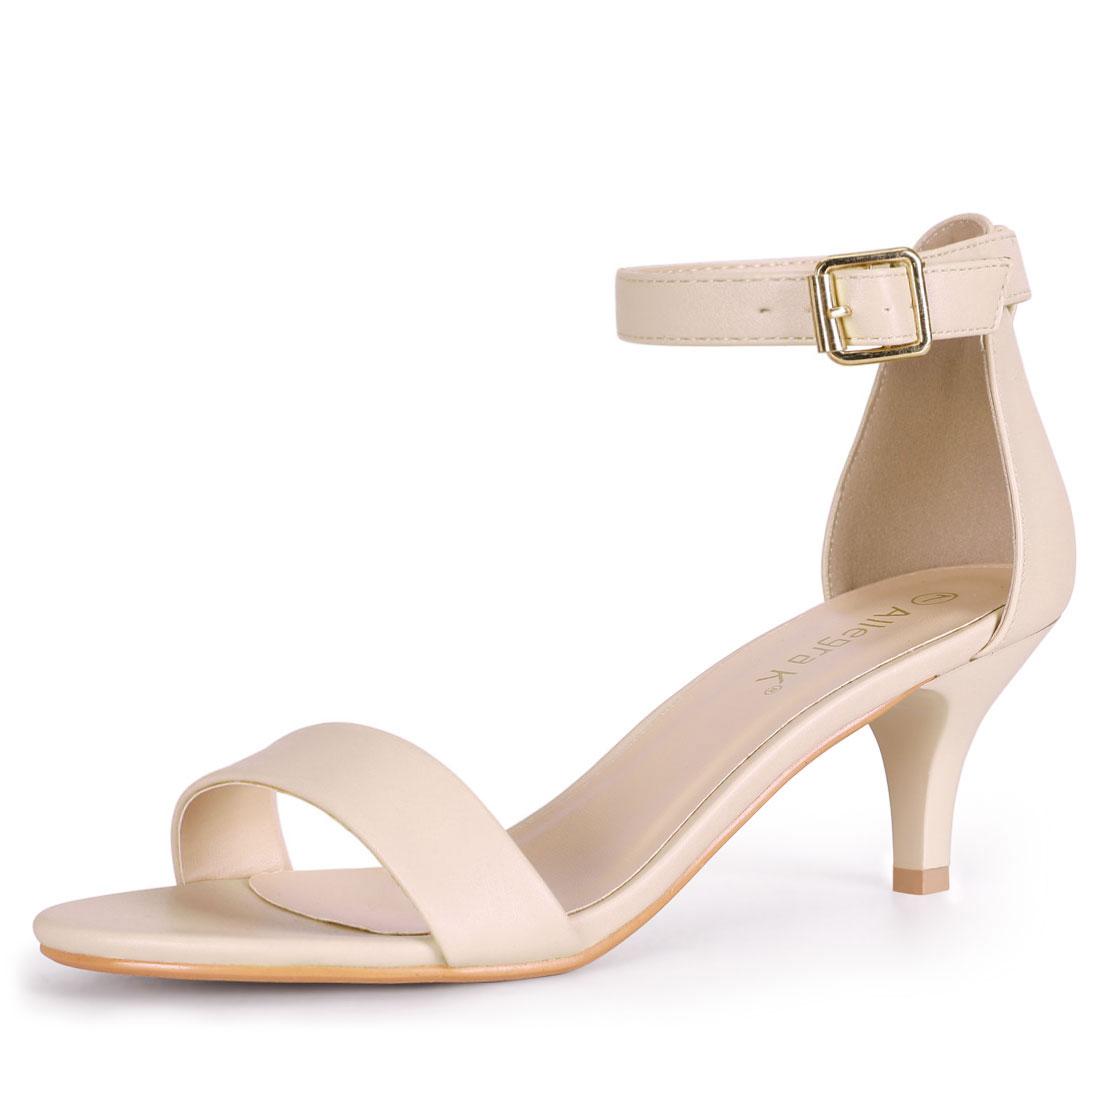 Women's Kitten Heel Ankle Strap Sandals Nude US 9